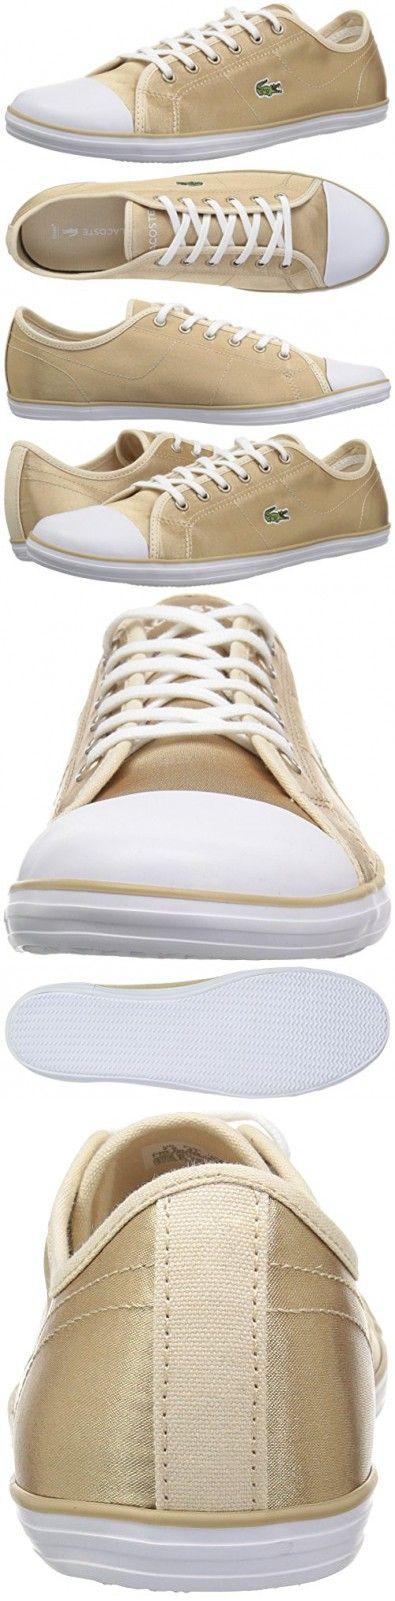 hot sale online 36621 48bae Lacoste Women's Ziane 118 2 Caw Sneaker, Gold/White, 5.5 M ...